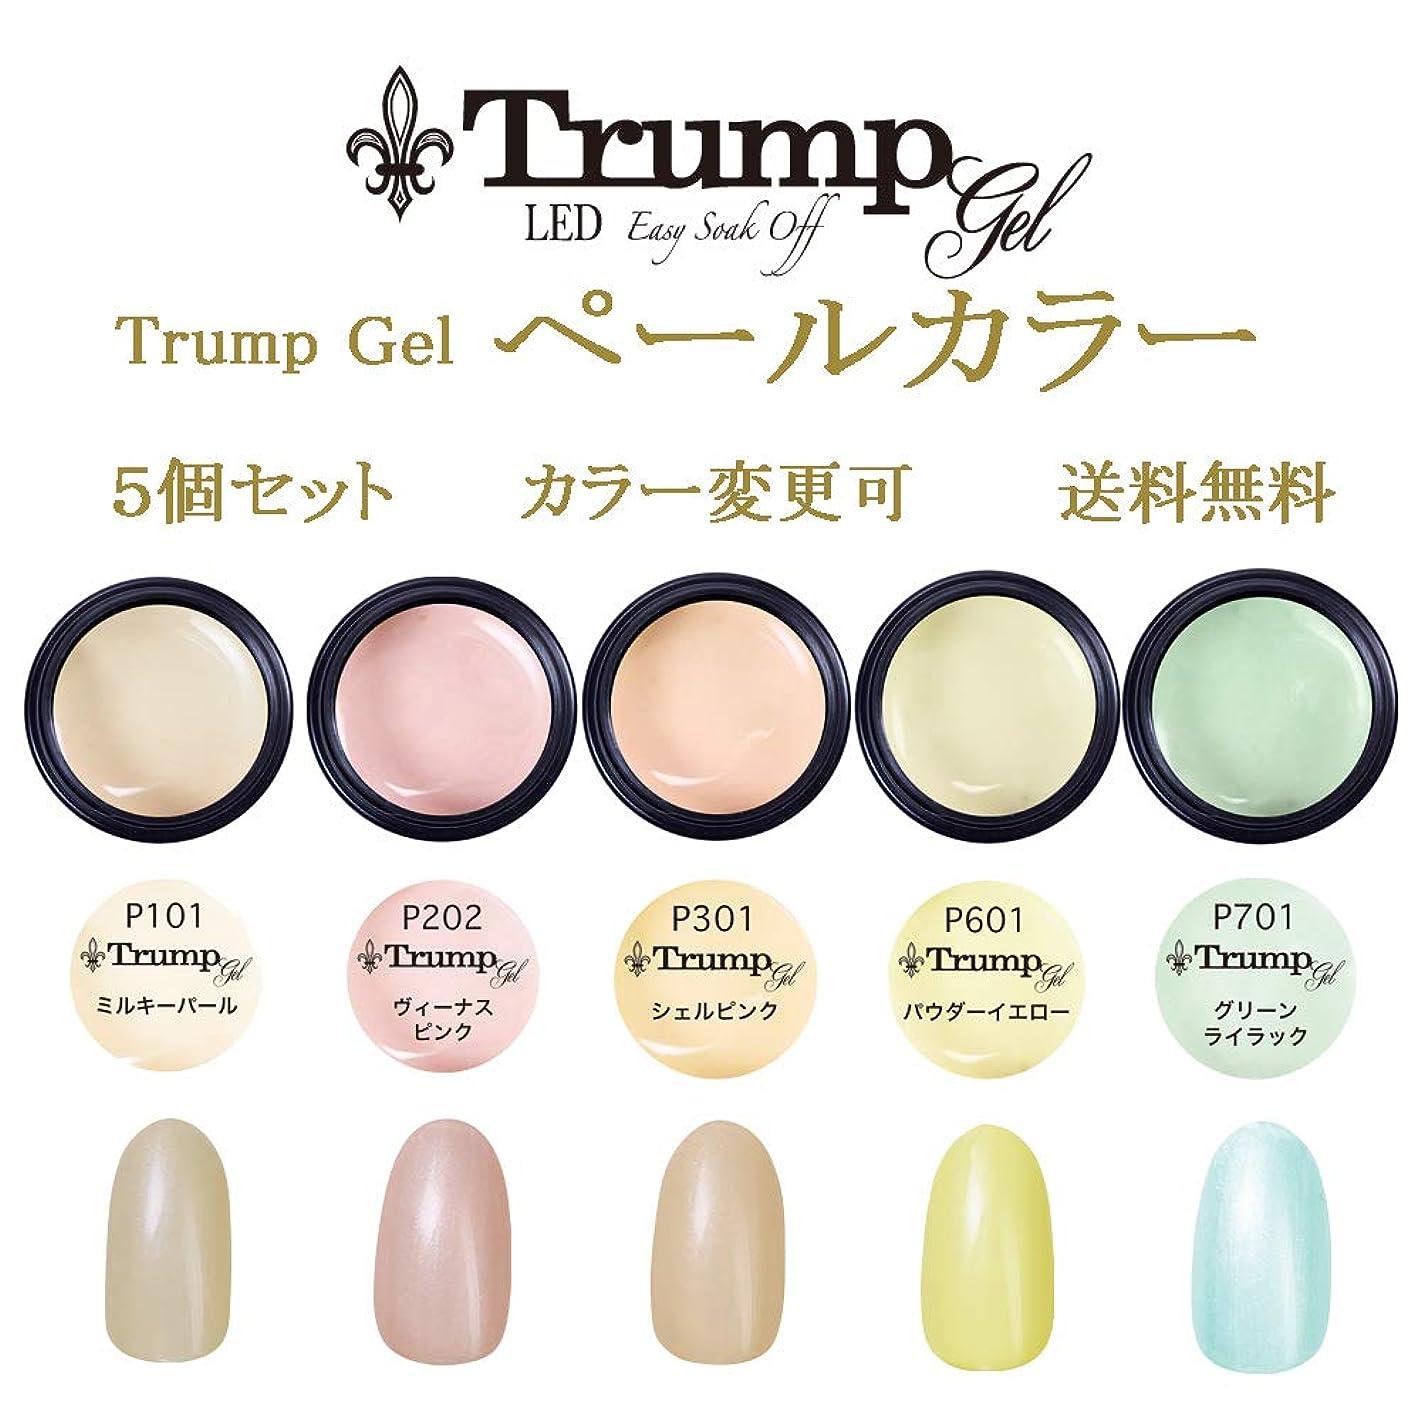 幸福ヘア授業料日本製 Trump gel トランプジェル ペールカラー 選べる カラージェル 5個セット パール イエロー ベージュ ピンク ブルー